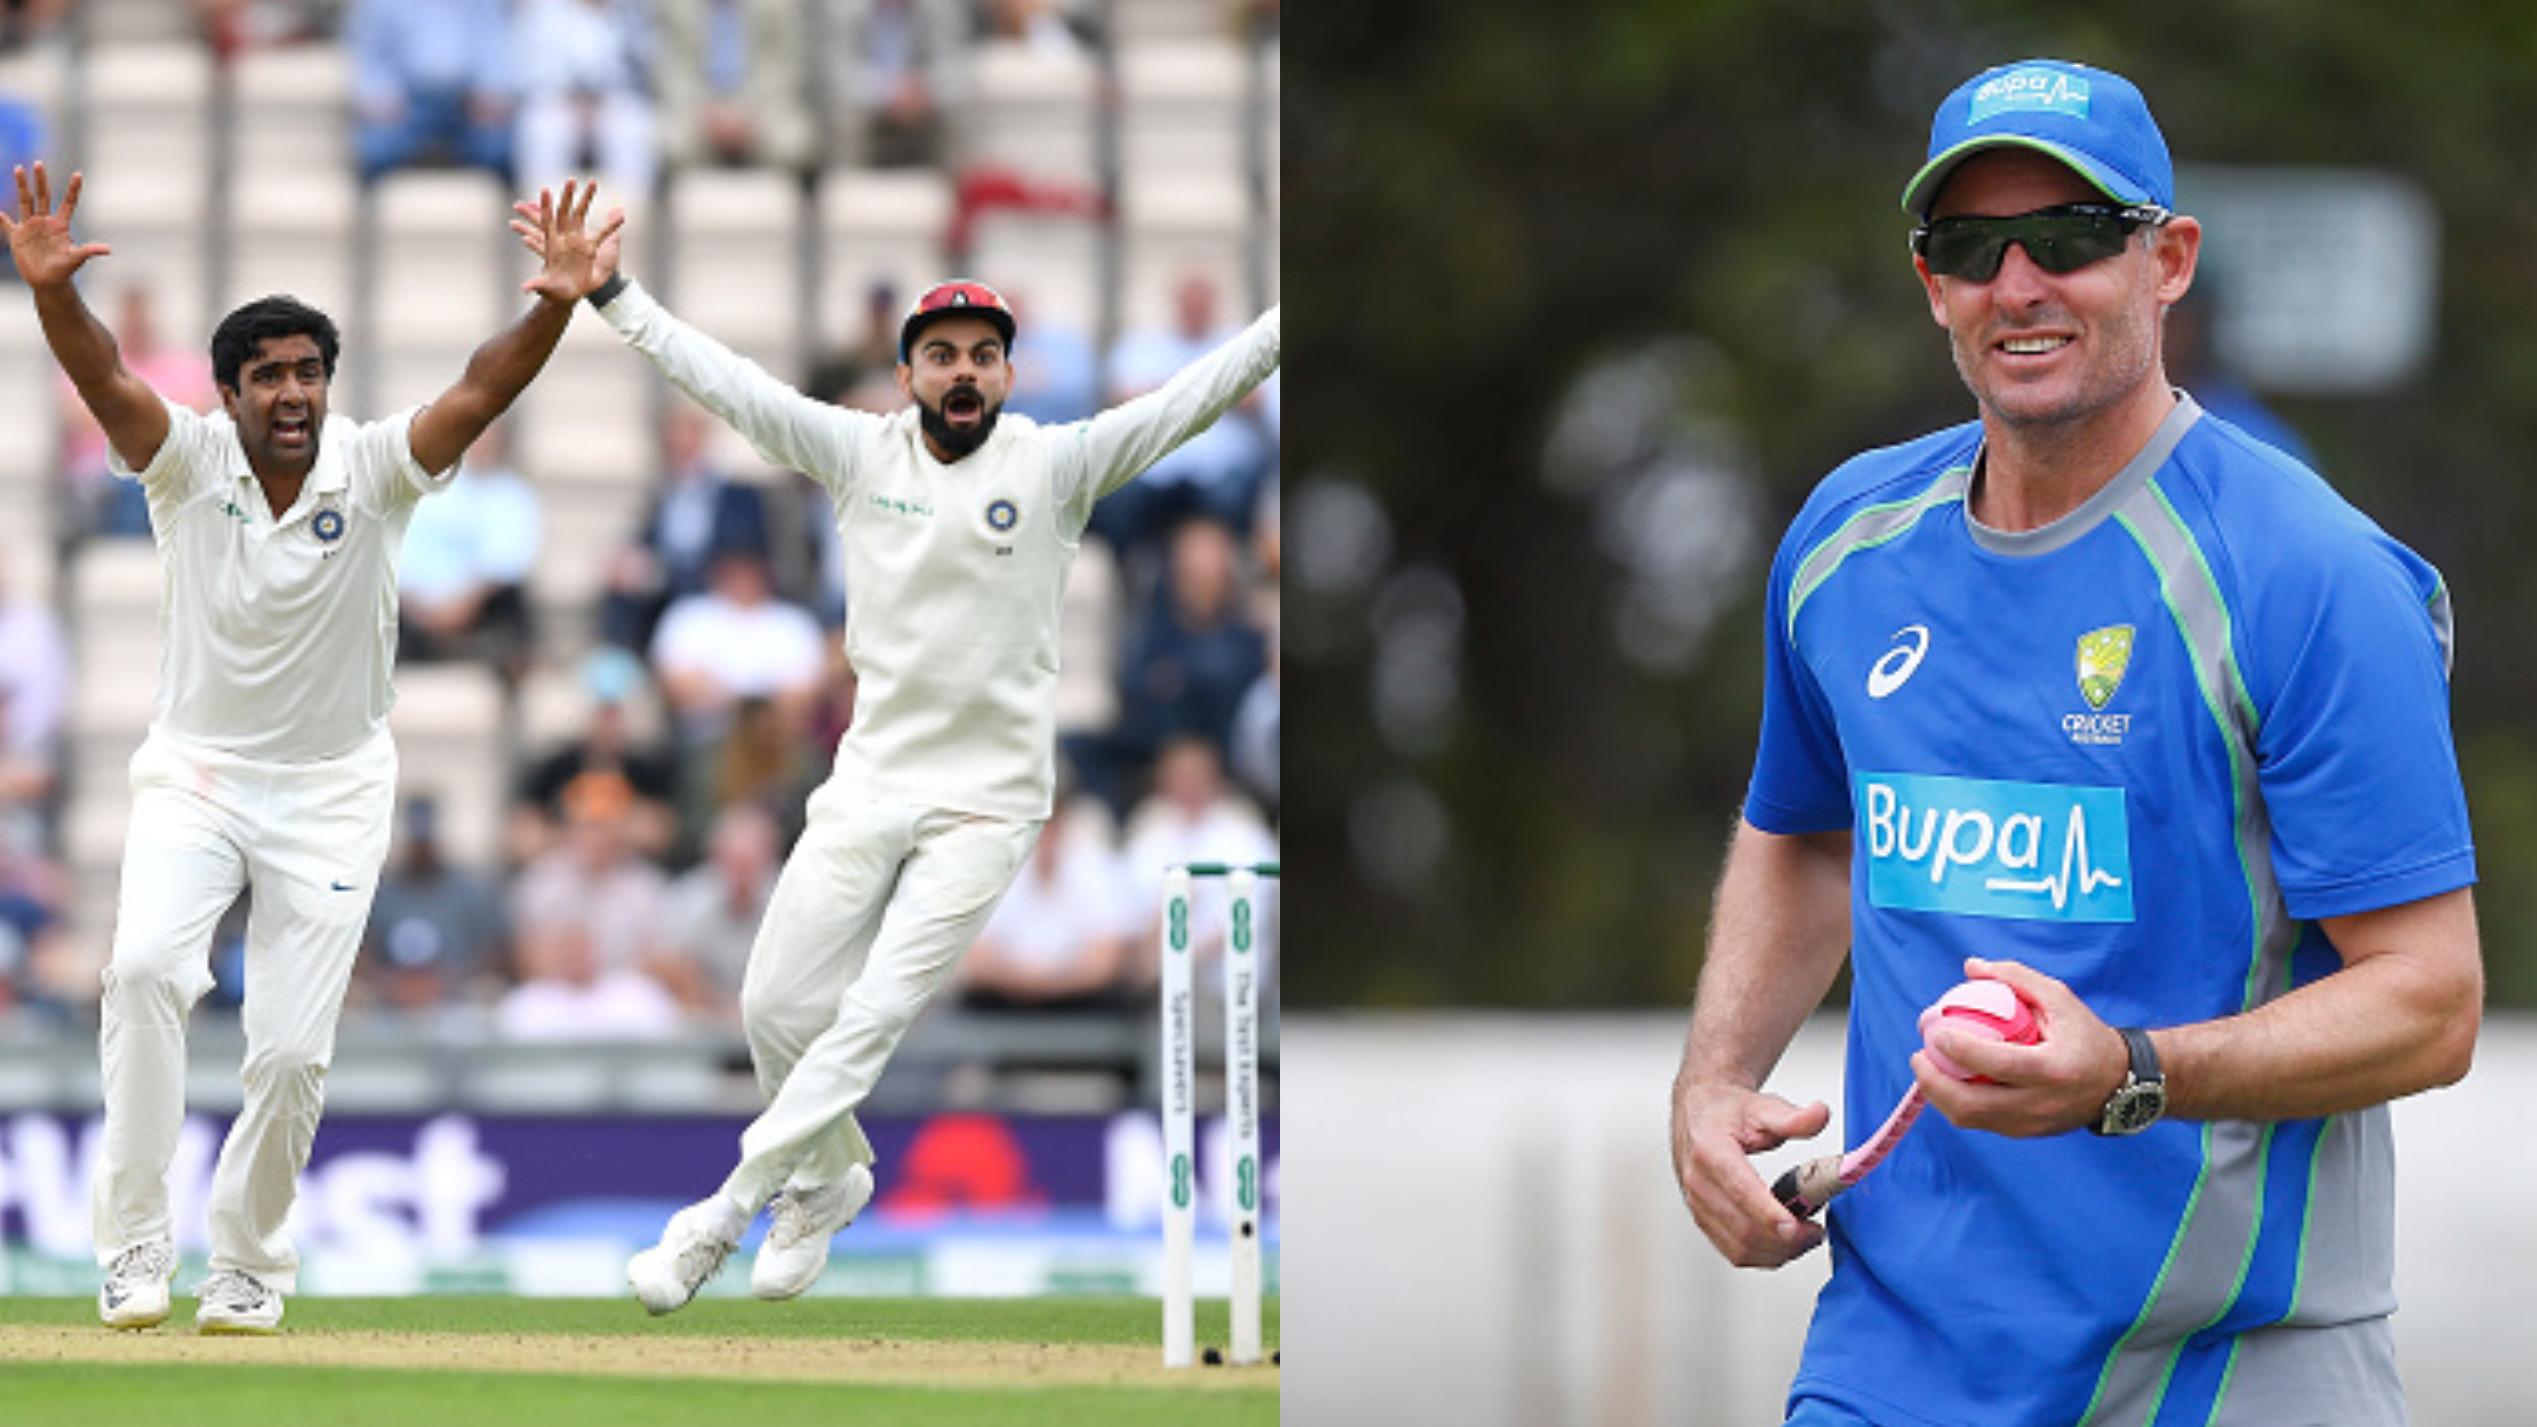 AUS v IND 2018-19 : माइकल हसी के अनुसार रविचंद्रन अश्विन की चोट टीम इंडिया को कर सकती हैं अस्थिर